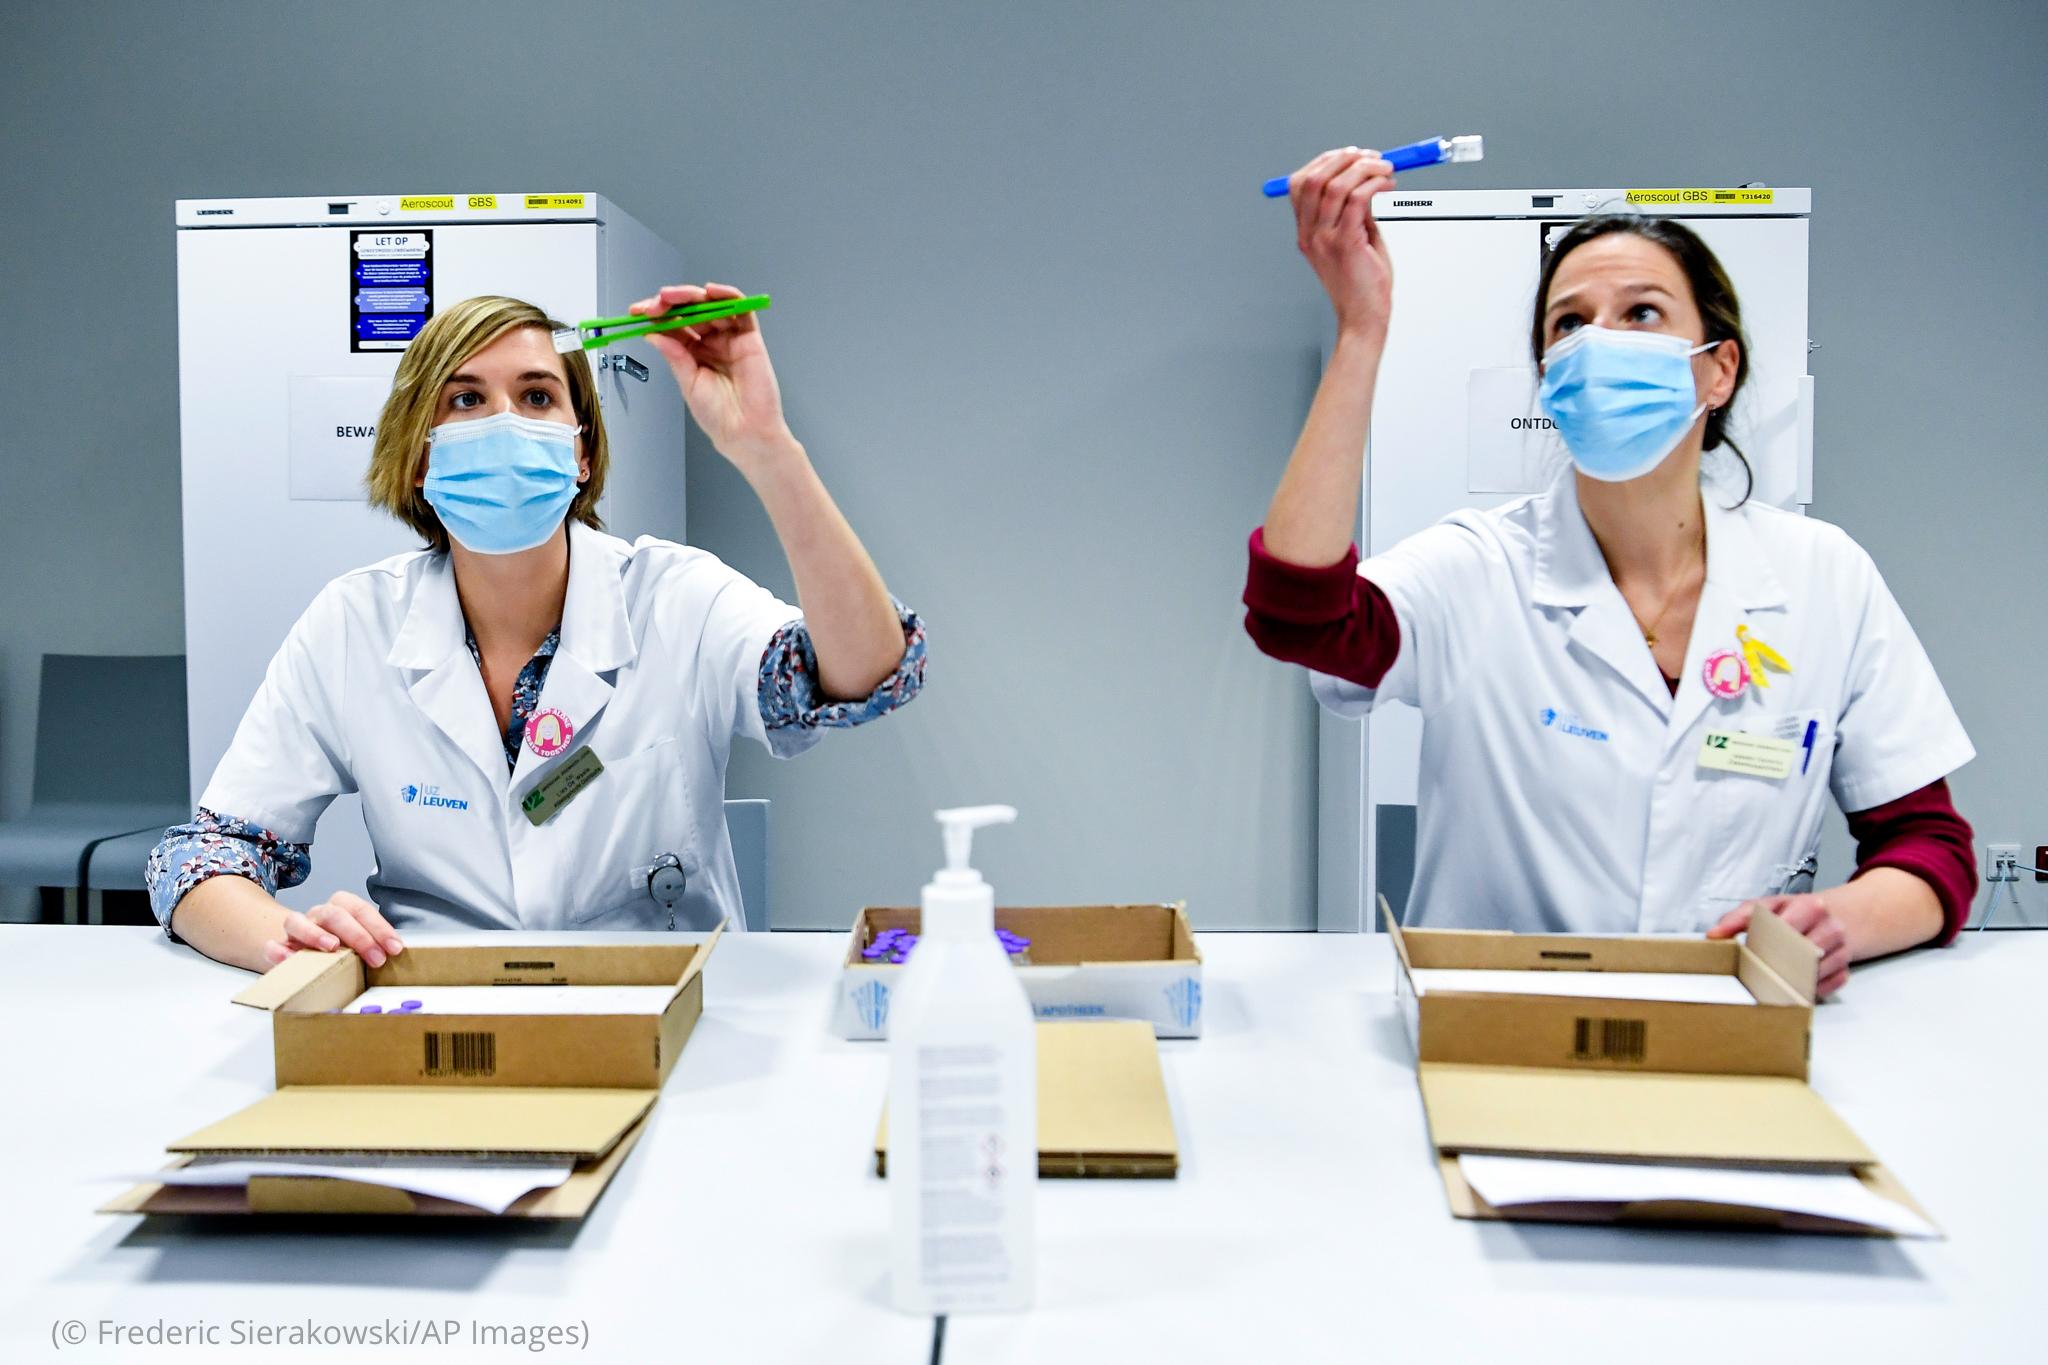 Deux personnes en blouse de laboratoire en train d'inspecter des fioles (© Frederic Sierakowski/AP Images)